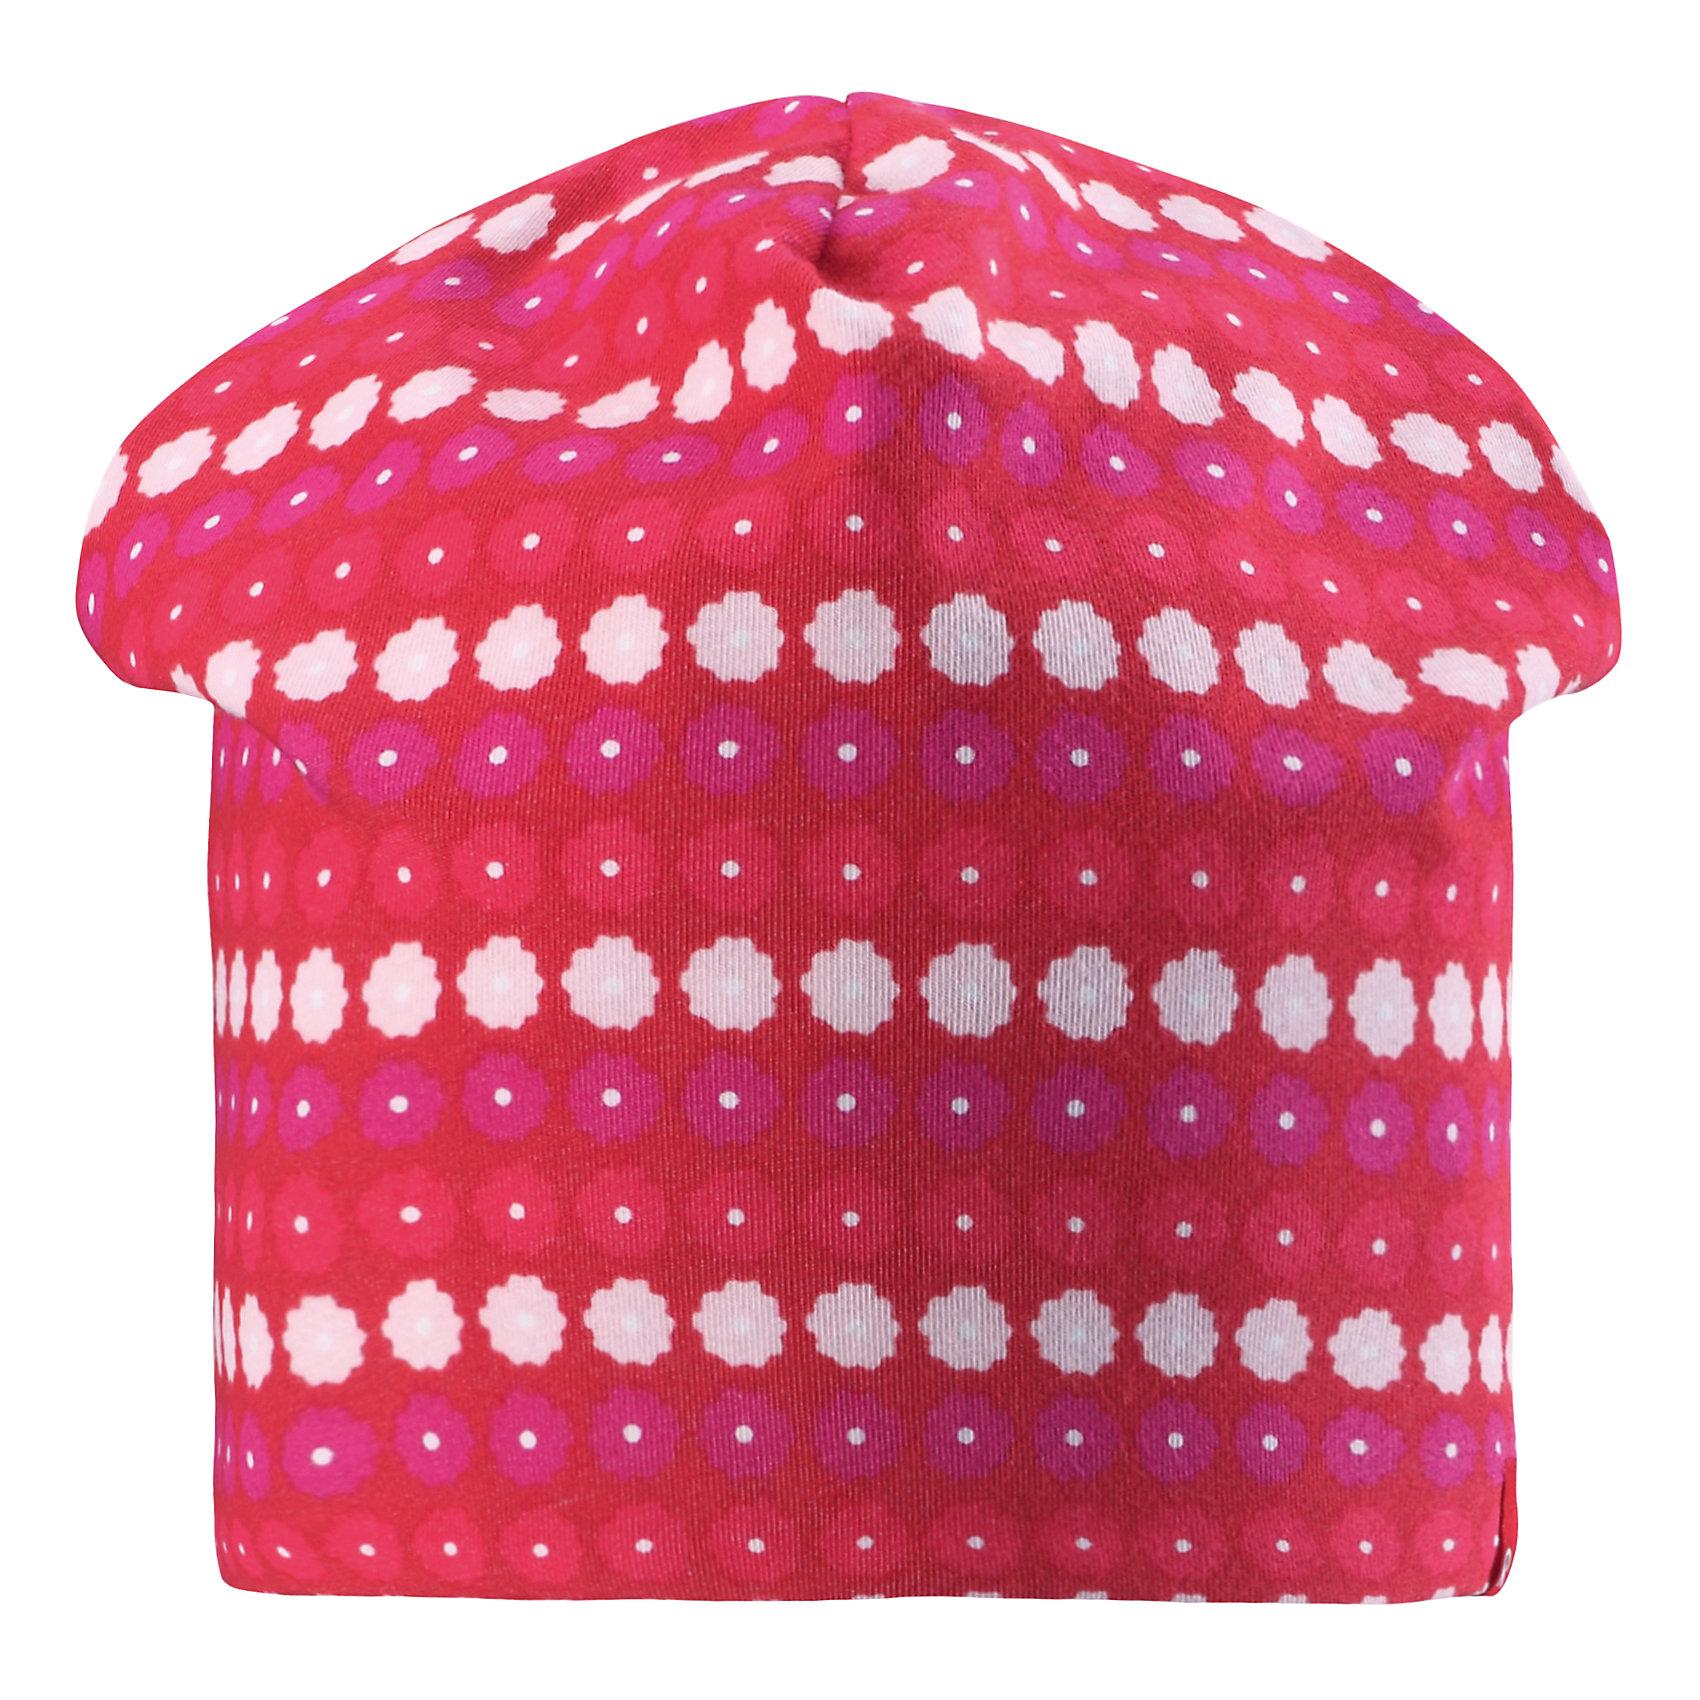 Шапка для девочки ReimaХарактеристики товара:<br><br>• цвет: красный<br>• быстросохнущий материал<br>• состав: 65% хлопок, 30% полиэстер, 5% эластан<br>• температурный режим: от +5°до +15°С<br>• эластичный материал<br>• сплошная подкладка: влаговыводящий трикотаж<br>• двухсторонняя<br>• отводящий влагу материал Play Jersey<br>• декоративный логотип<br>• фактор защиты от ультрафиолета: 40+<br>• комфортная посадка<br>• страна производства: Китай<br>• страна бренда: Финляндия<br>• коллекция: весна-лето 2017<br><br>Детский головной убор может быть модным и удобным одновременно! Стильная шапка поможет обеспечить ребенку комфорт и дополнить наряд. Она отлично смотрится с различной одеждой. Шапка удобно сидит и аккуратно выглядит. Проста в уходе, долго служит. Стильный дизайн разрабатывался специально для детей. Отличная защита от солнца!<br><br>Одежда и обувь от финского бренда Reima пользуется популярностью во многих странах. Эти изделия стильные, качественные и удобные. Для производства продукции используются только безопасные, проверенные материалы и фурнитура. Порадуйте ребенка модными и красивыми вещами от Reima! <br><br>Шапку для мальчика от финского бренда Reima (Рейма) можно купить в нашем интернет-магазине.<br><br>Ширина мм: 89<br>Глубина мм: 117<br>Высота мм: 44<br>Вес г: 155<br>Цвет: красный<br>Возраст от месяцев: 18<br>Возраст до месяцев: 36<br>Пол: Женский<br>Возраст: Детский<br>Размер: 50,54<br>SKU: 5267916